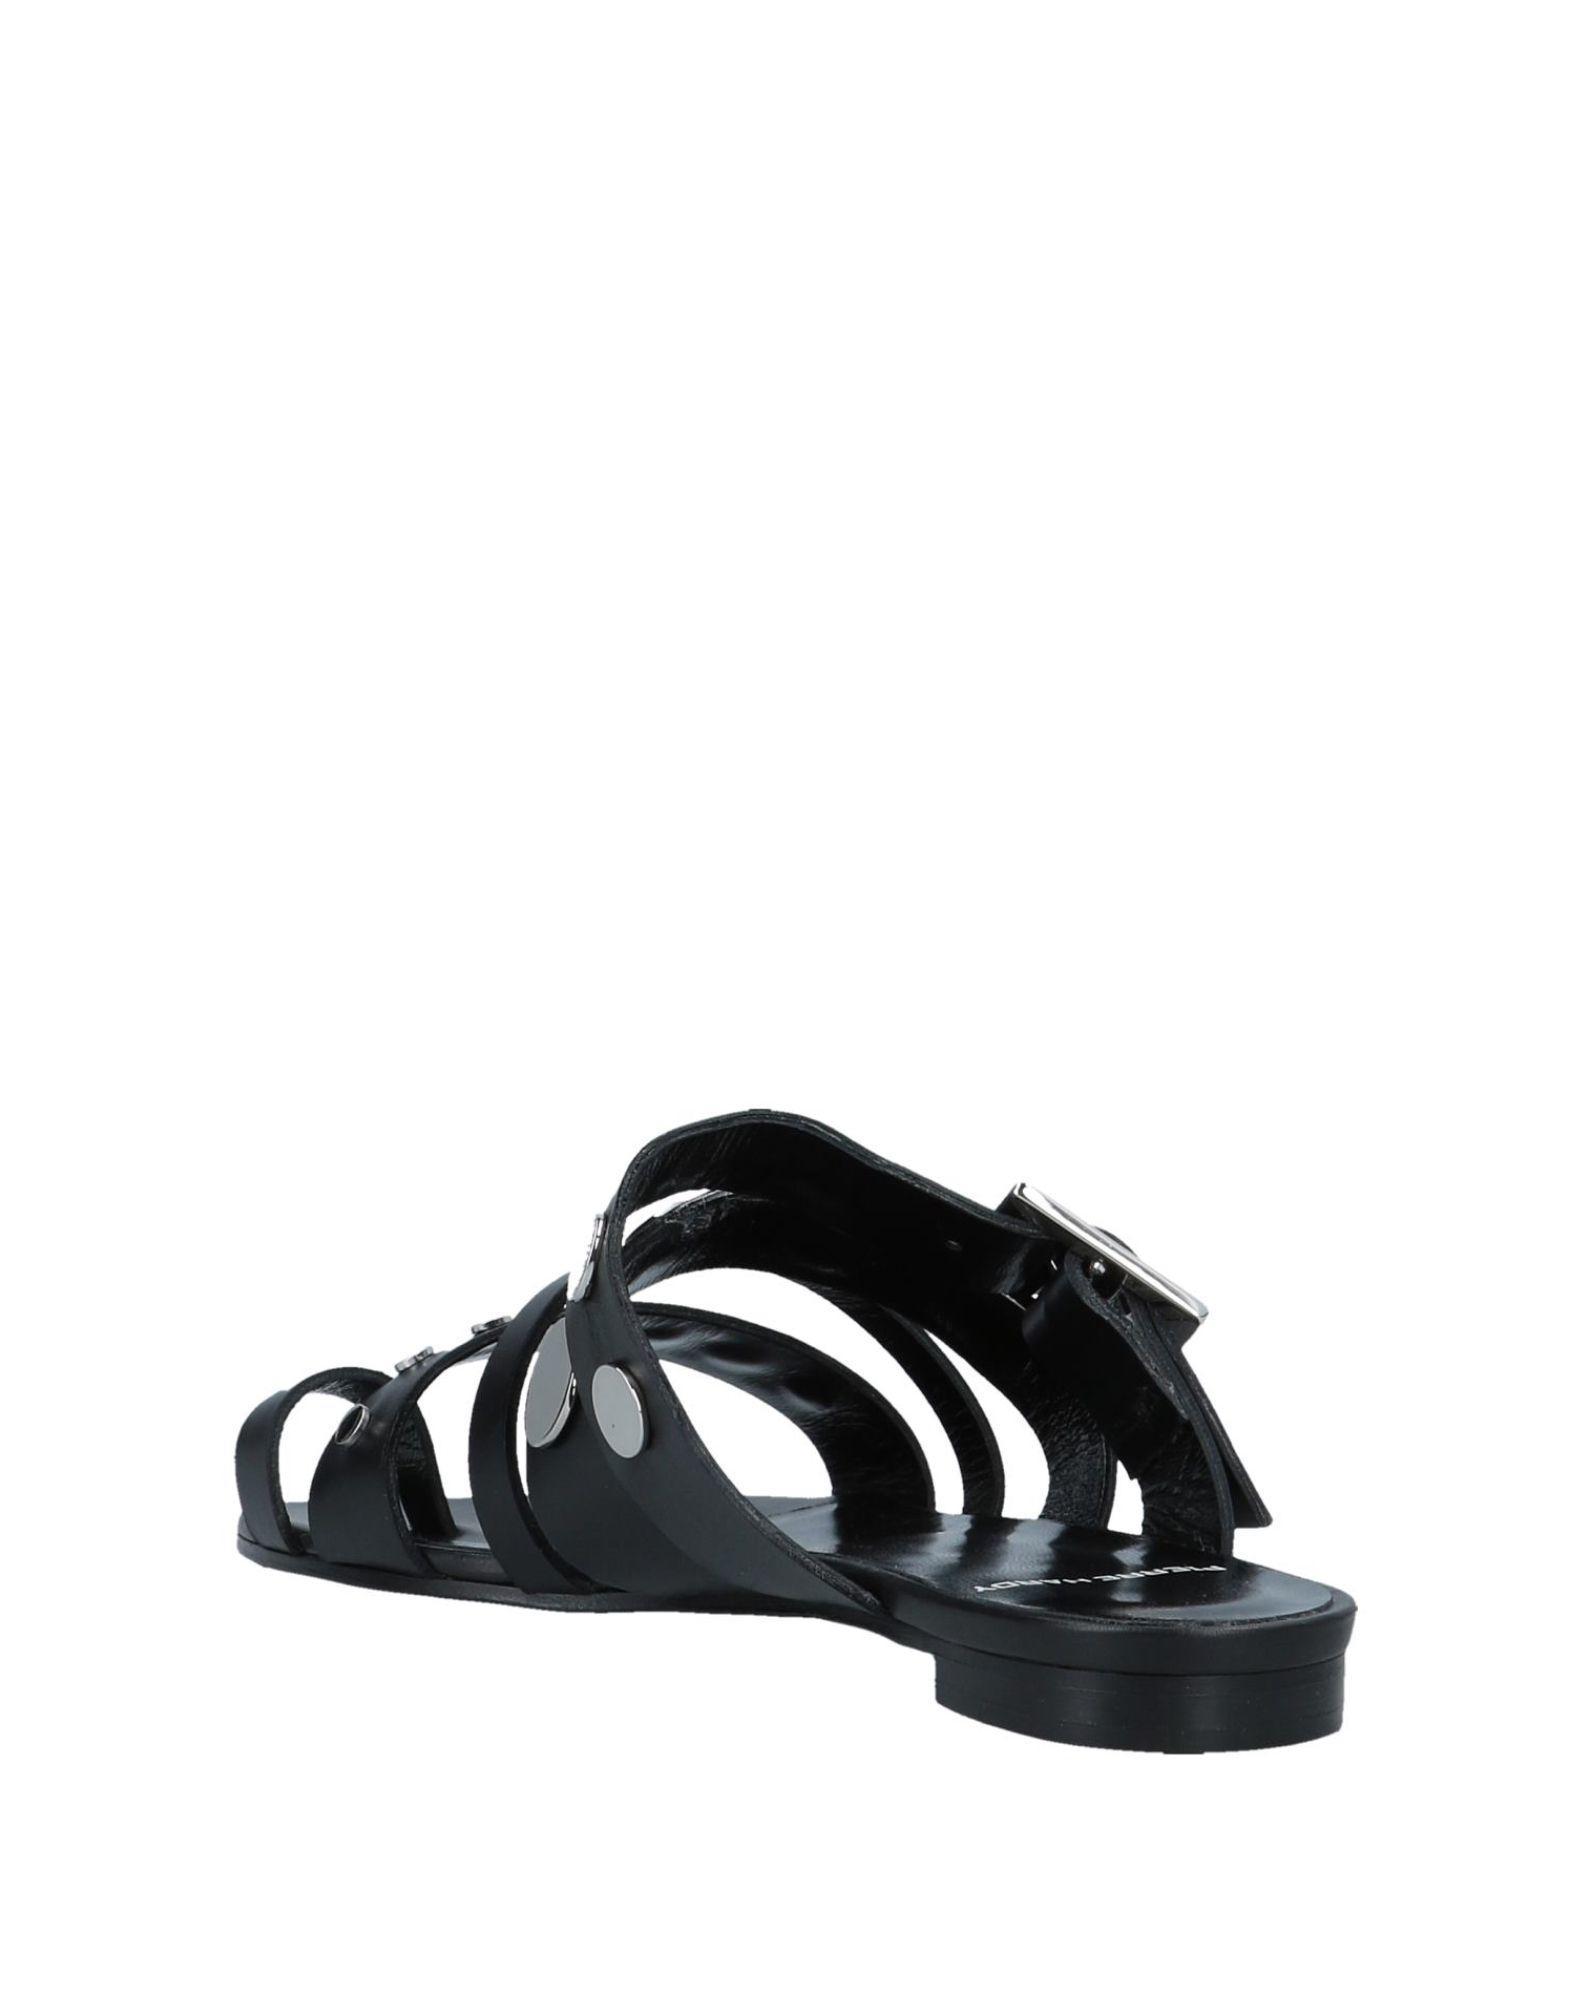 ce9d0d9cb4e98a Lyst - Pierre Hardy Toe Strap Sandal in Black